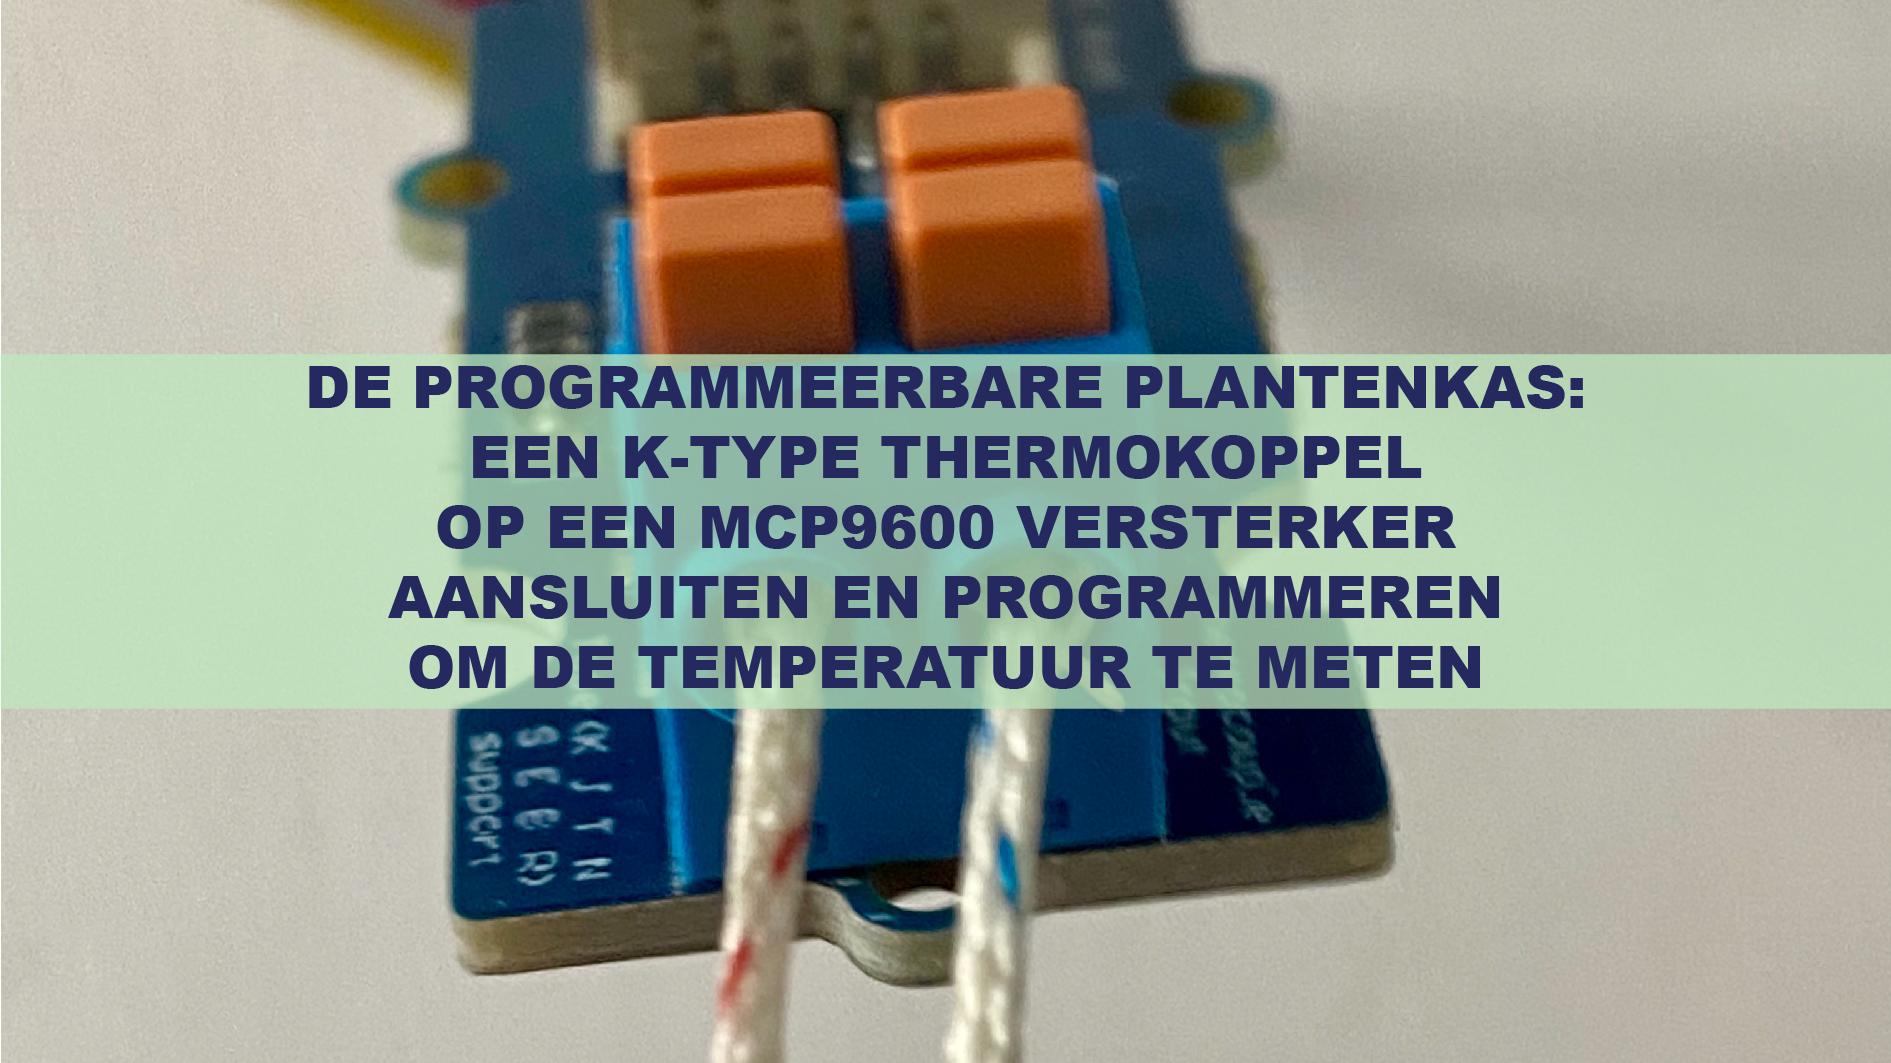 De Programmeerbare Plantenkas: Een K-type thermokoppel op een MCP9600 versterker aansluiten en programmeren om de temperatuur te meten